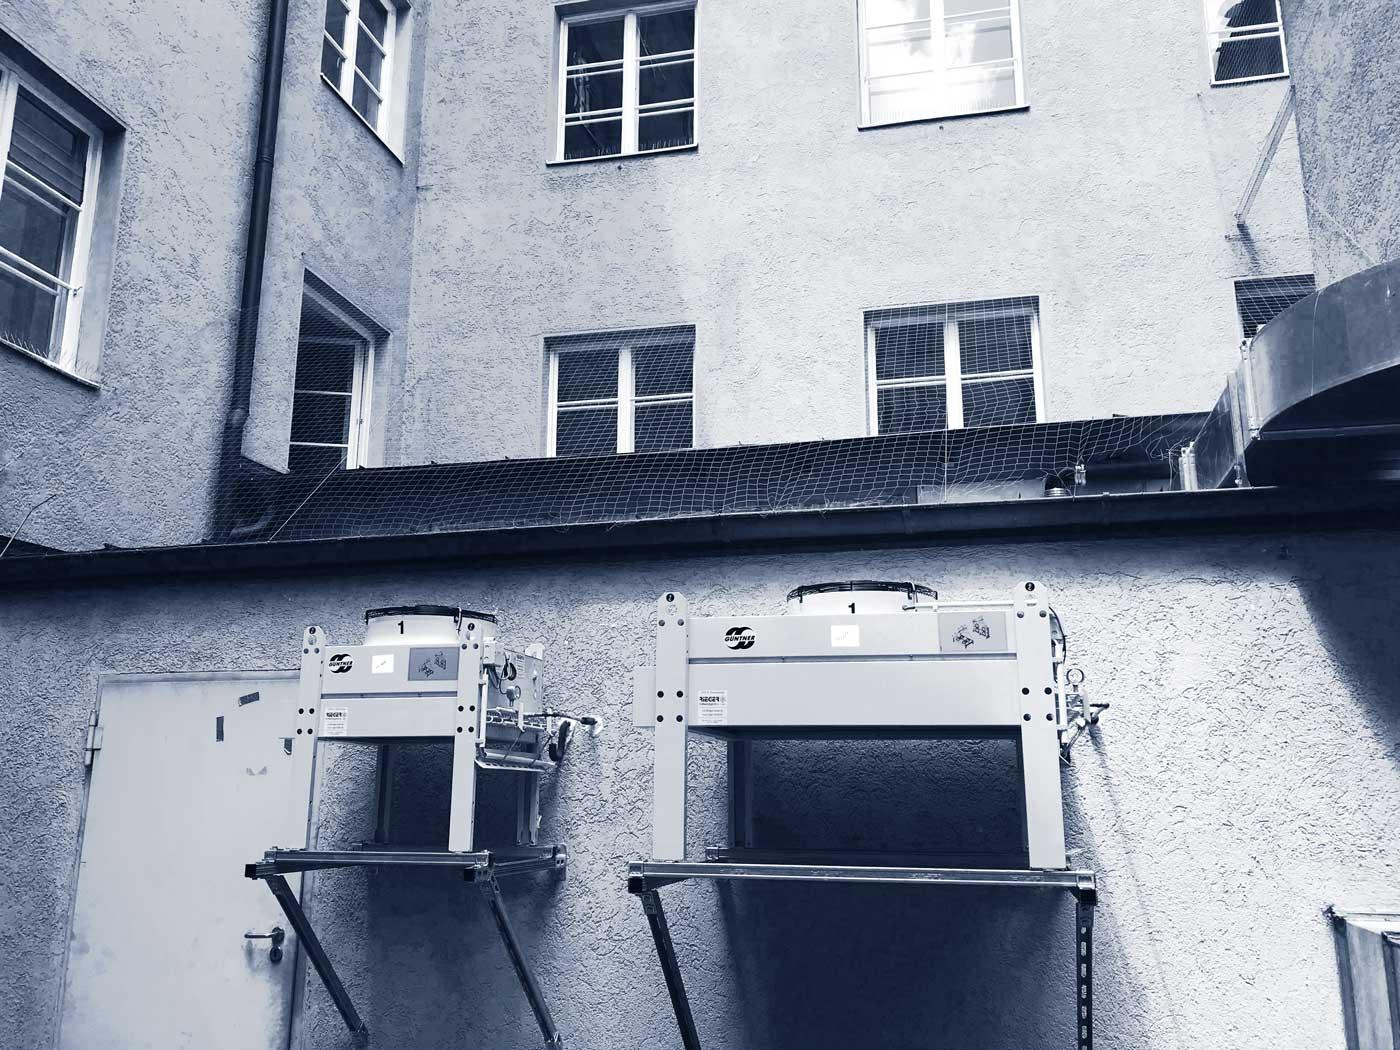 Rieger Kälte aus München bieten Kälte- und Regelungstechnik für Gastronomie und Industrie aus einer Hand.